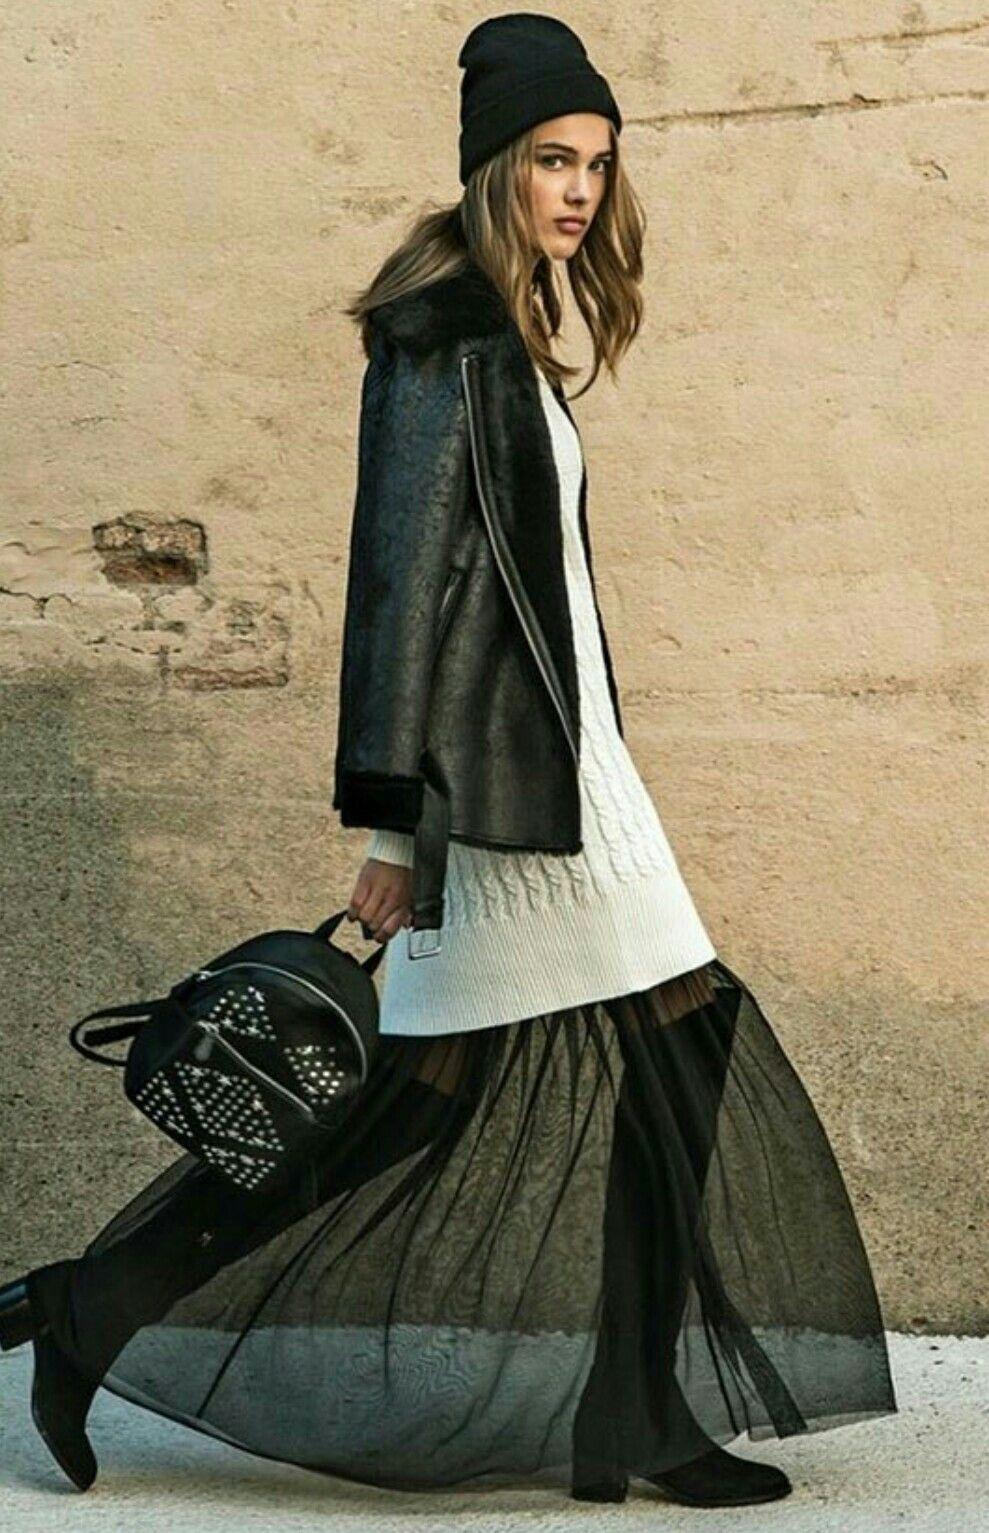 Black tulle dress sweater winter dress style my fur coat winter